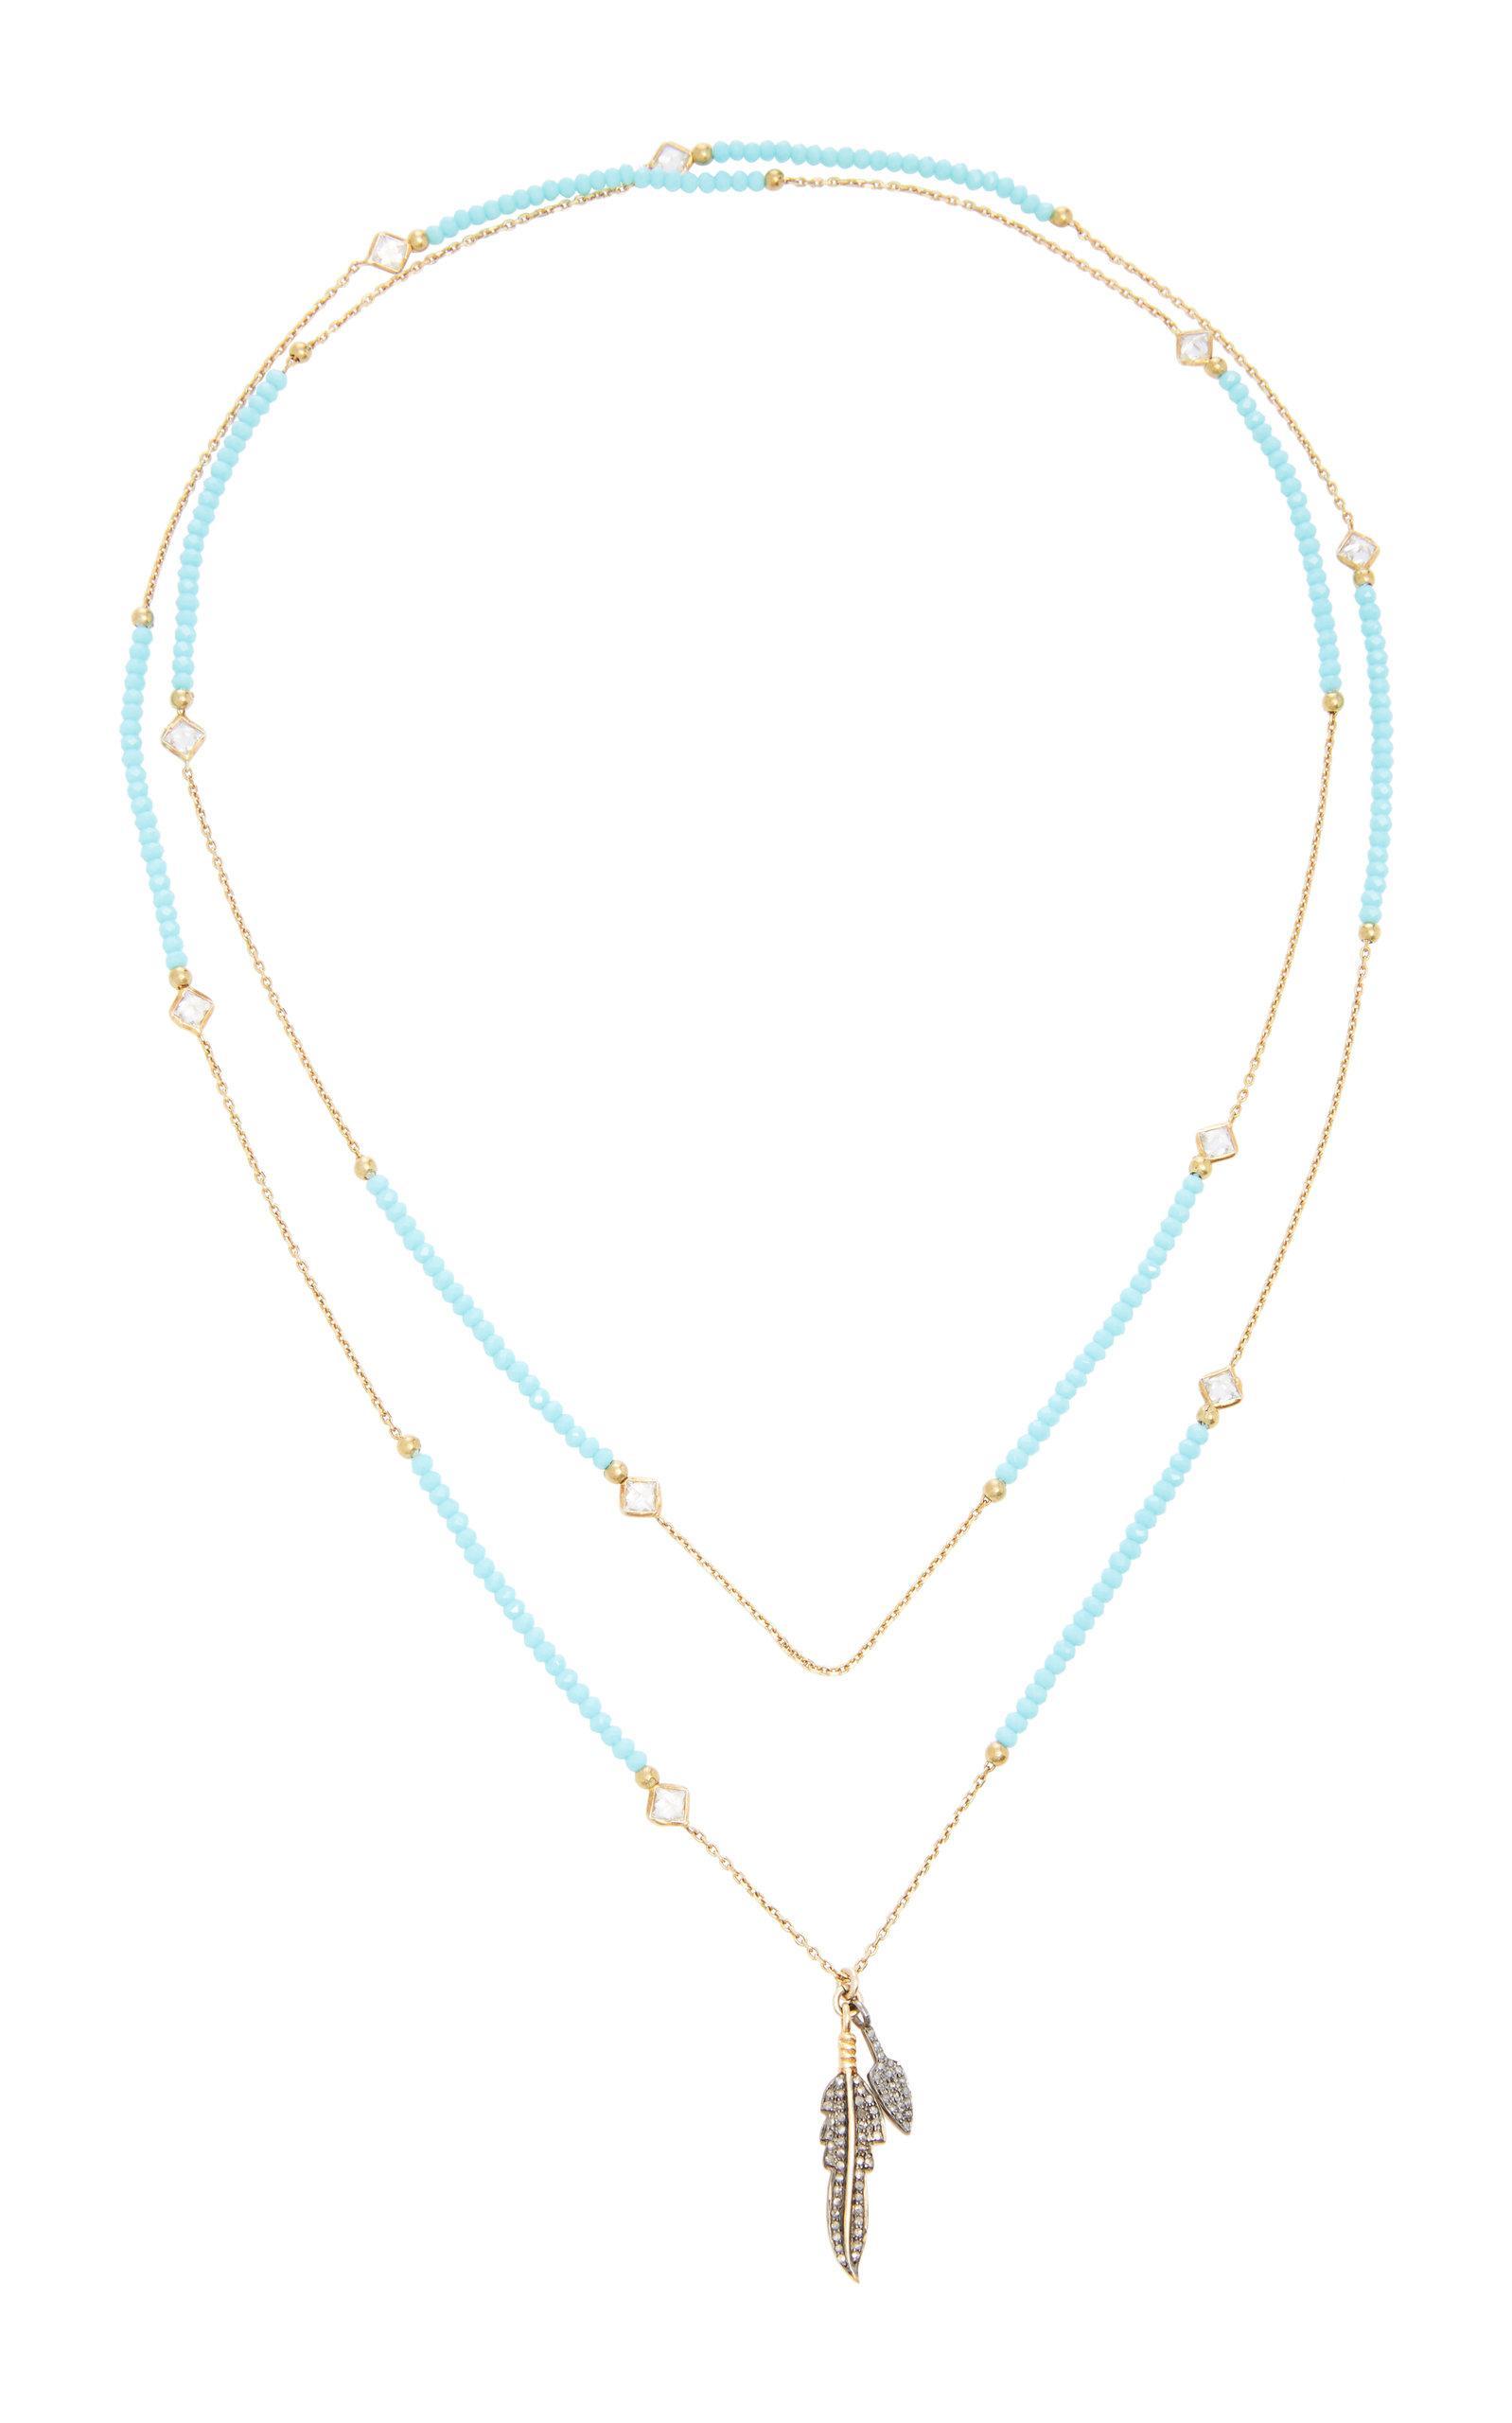 Claw Rhodium-Plated Quartz And Diamond Necklace Nickho Rey aKILXMNo